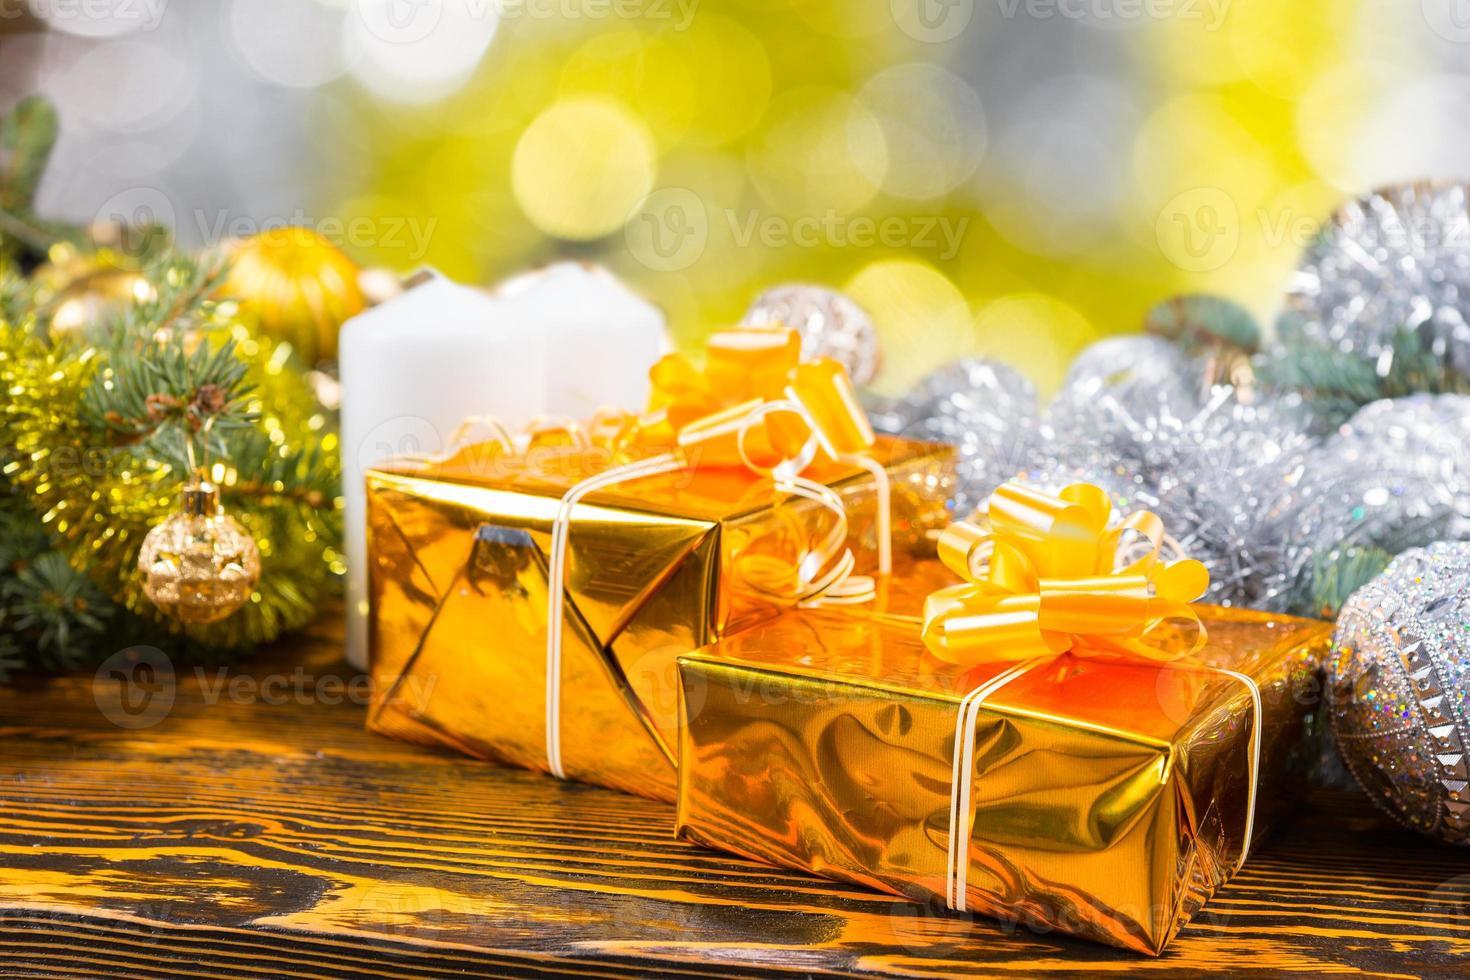 feestelijke gouden geschenken op tafel met decoraties foto